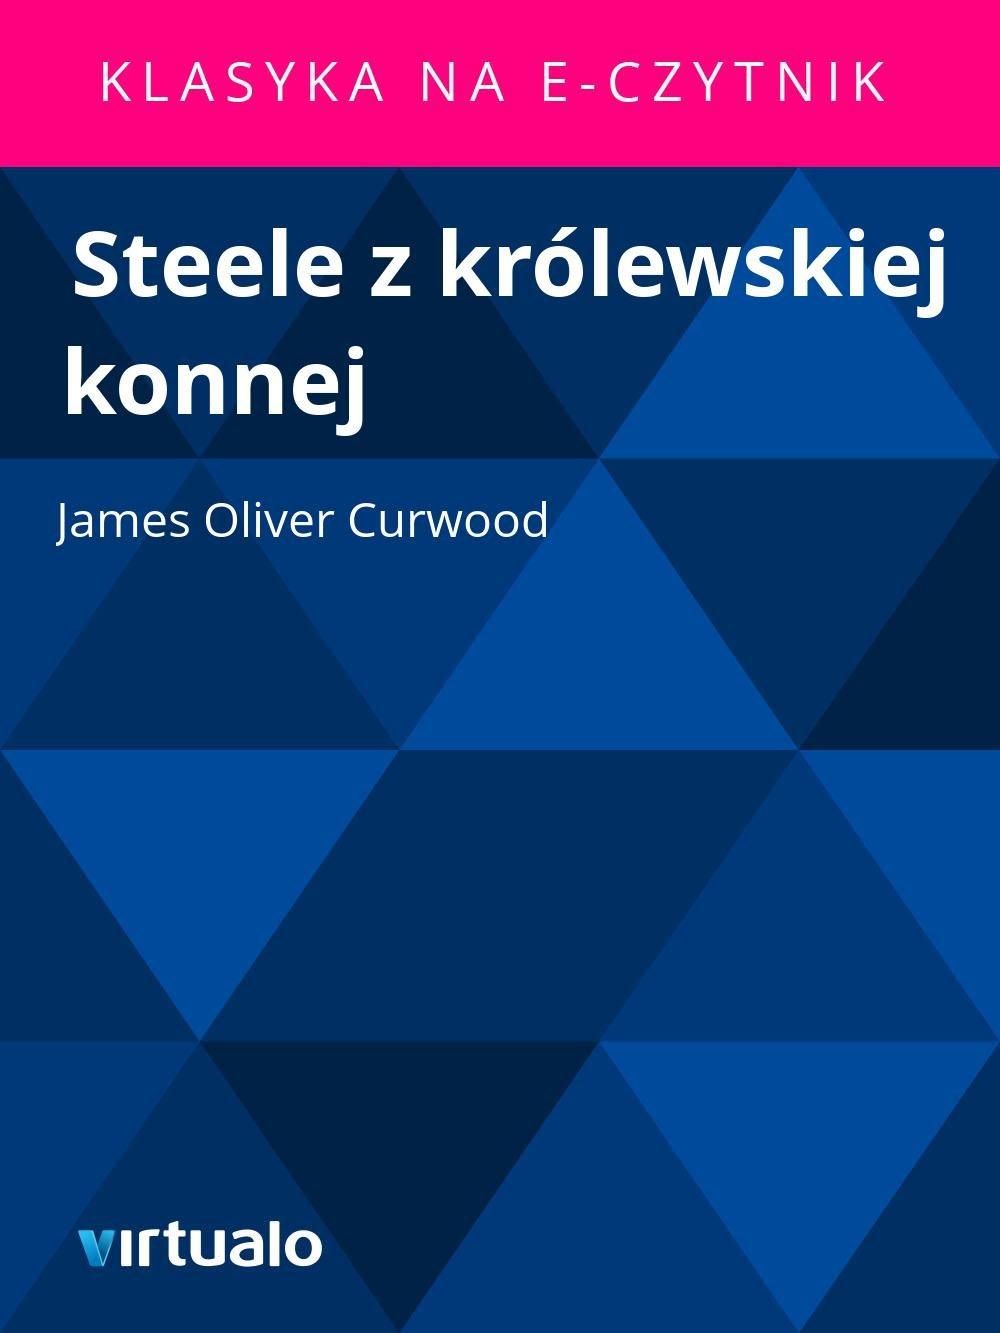 Steele z królewskiej konnej - Ebook (Książka EPUB) do pobrania w formacie EPUB